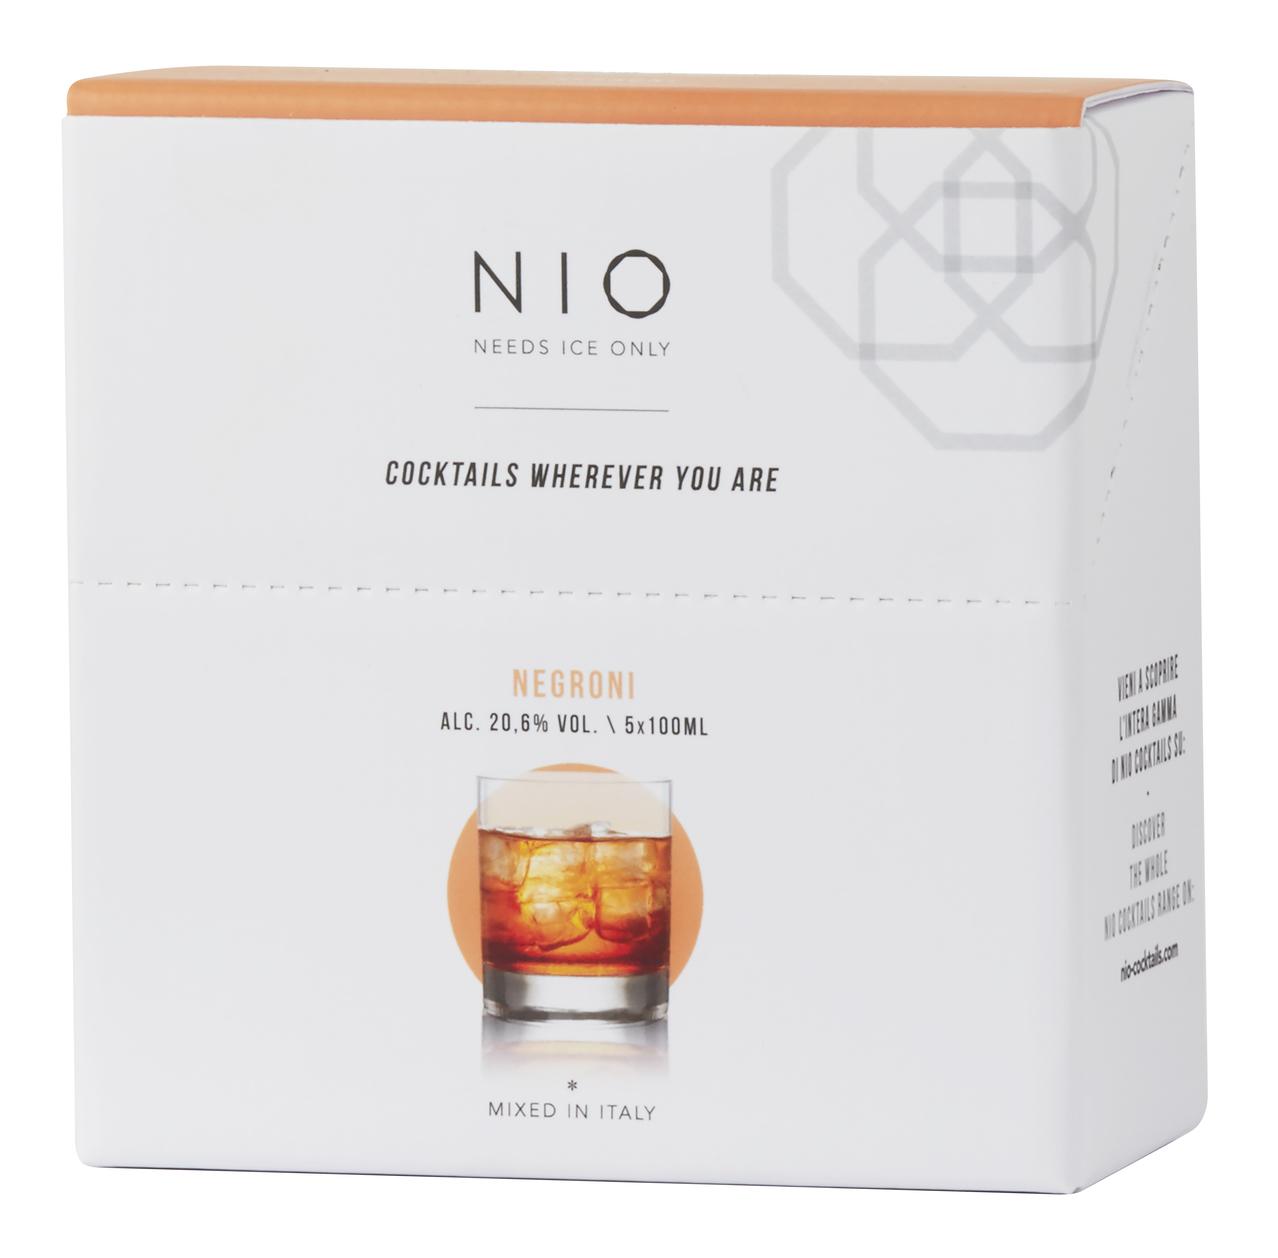 NIO Negroni (5x10cl)